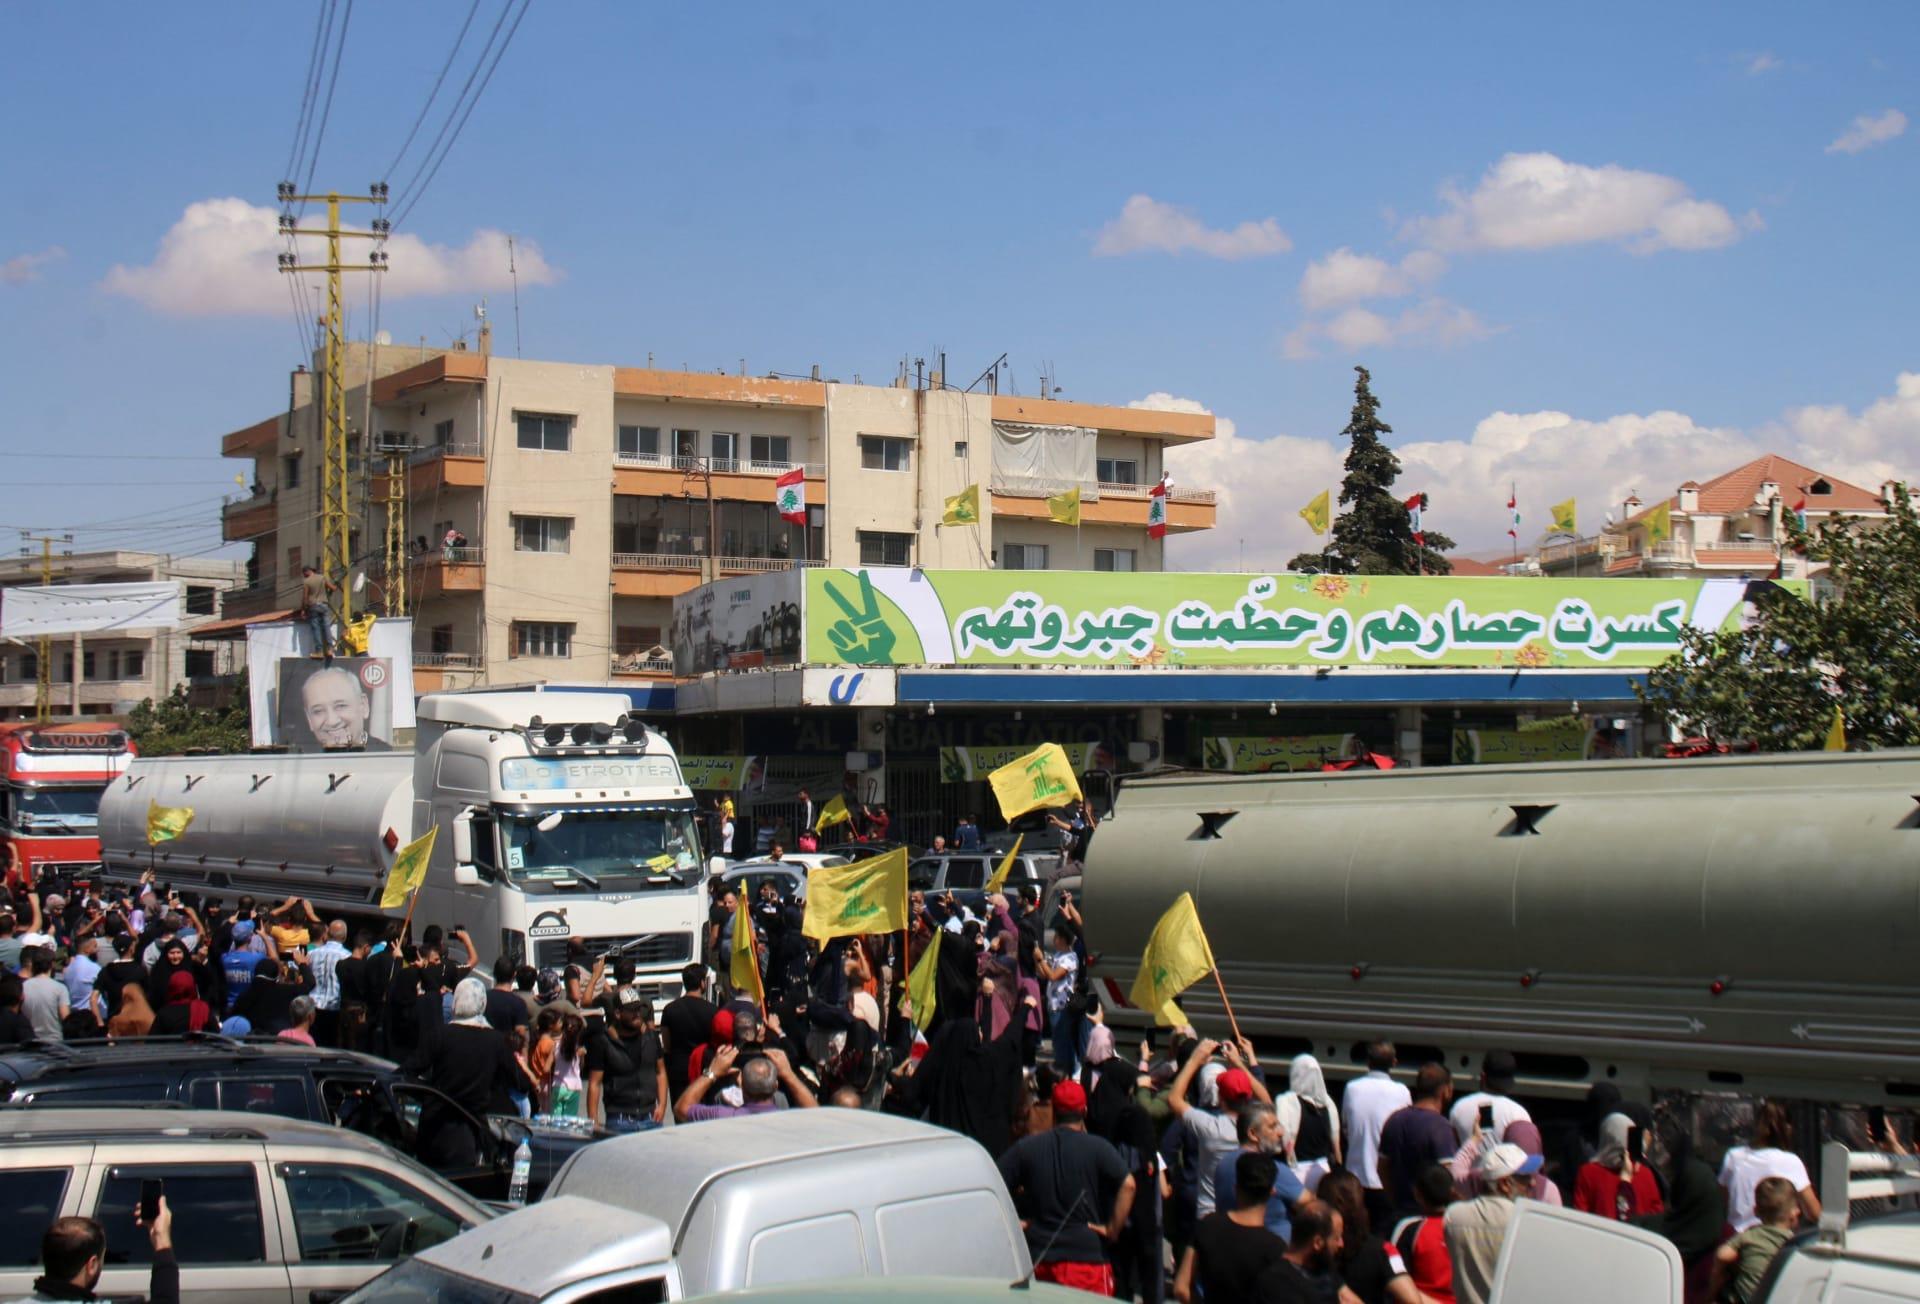 حزب الله يستعرض قوافل الوقود الإيراني في مدينة بعلبك بعد دخوله لبنان عبر حدود سوريا